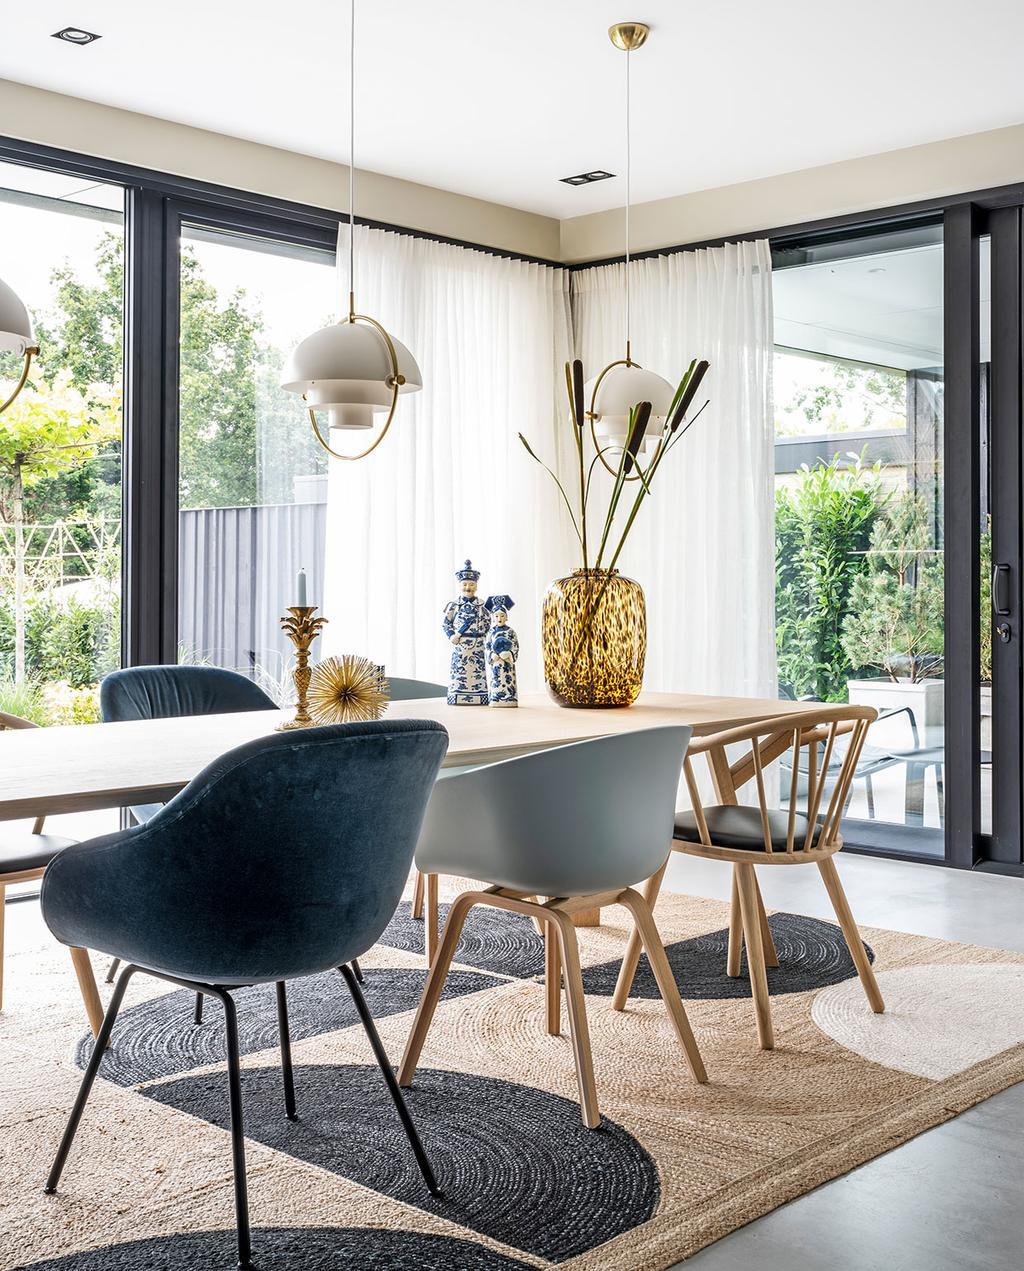 vtwonen 03-2021 | eetkamer met houten tafel en stoelen in verschillende blauwtinten | jute vloerkleed onder de eettafel